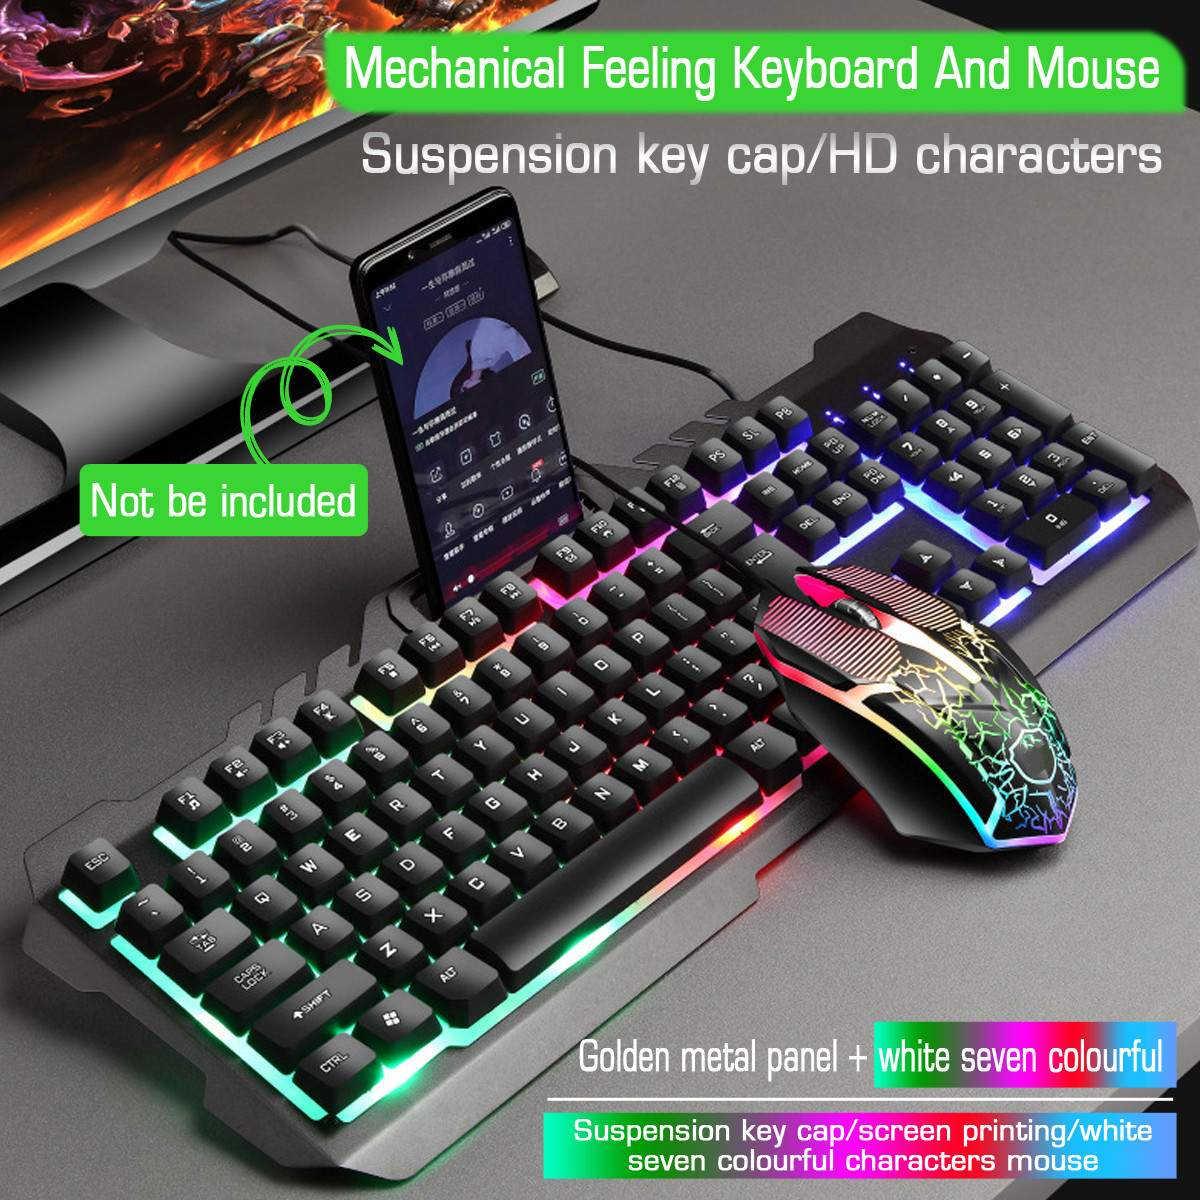 Wired Metallo Luminoso Retroilluminato Usb Laser Mouse Tastiera Del Computer Set Tastiera Meccanica Sentire Pc Gaming Gamer Computador Clavier